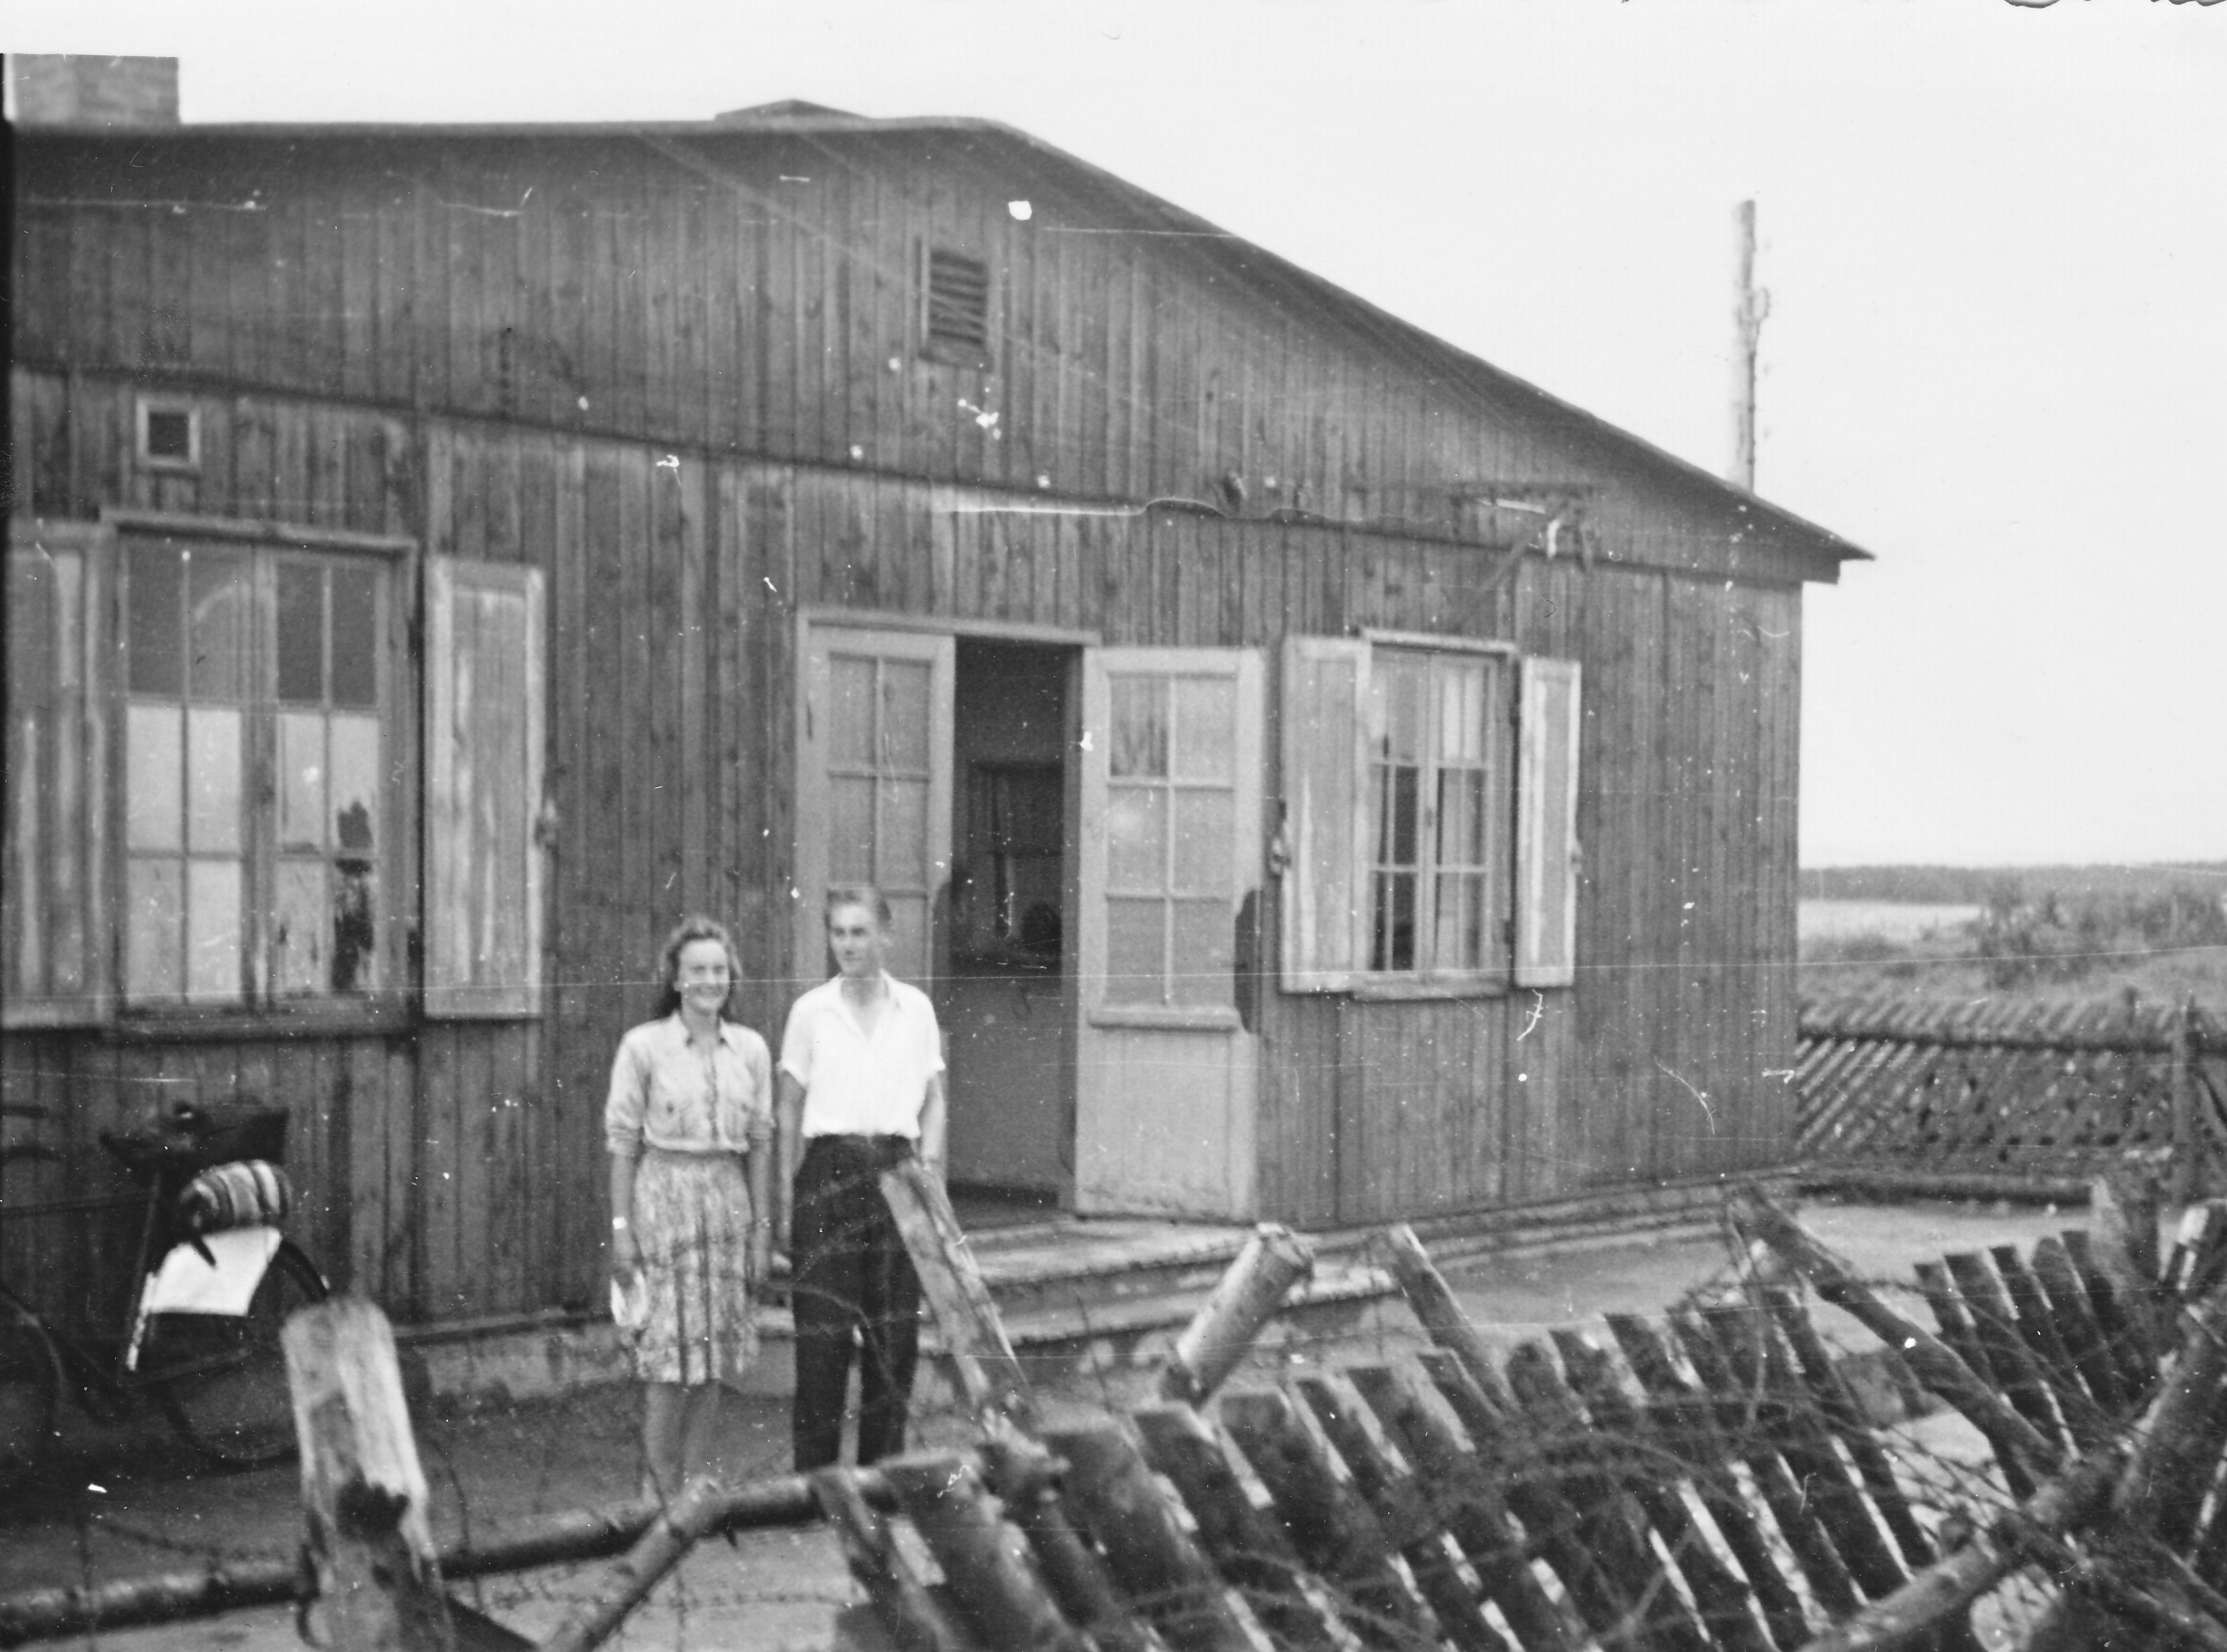 Nyskov og Bodil uden for flygtninglejeren i tirstrup juli 1945